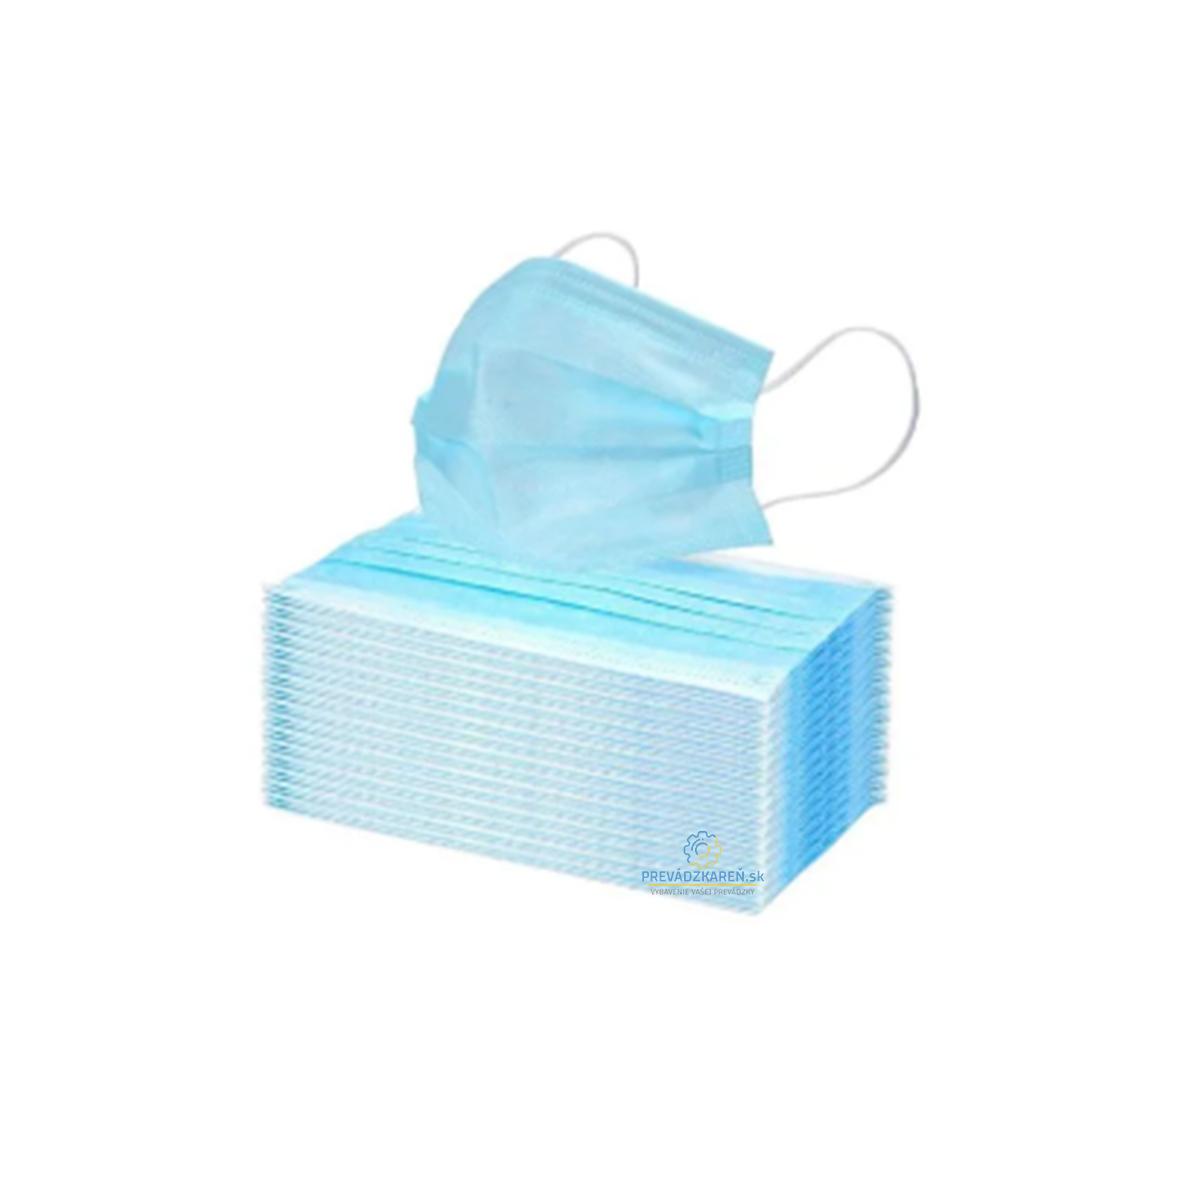 Ochranné rúško 3-vrstvové – po 50 ks, ochrana dýchacích ciest proti kvapôčkovým infekciám, 99% účinnosť bakteriálnej filtrácie.